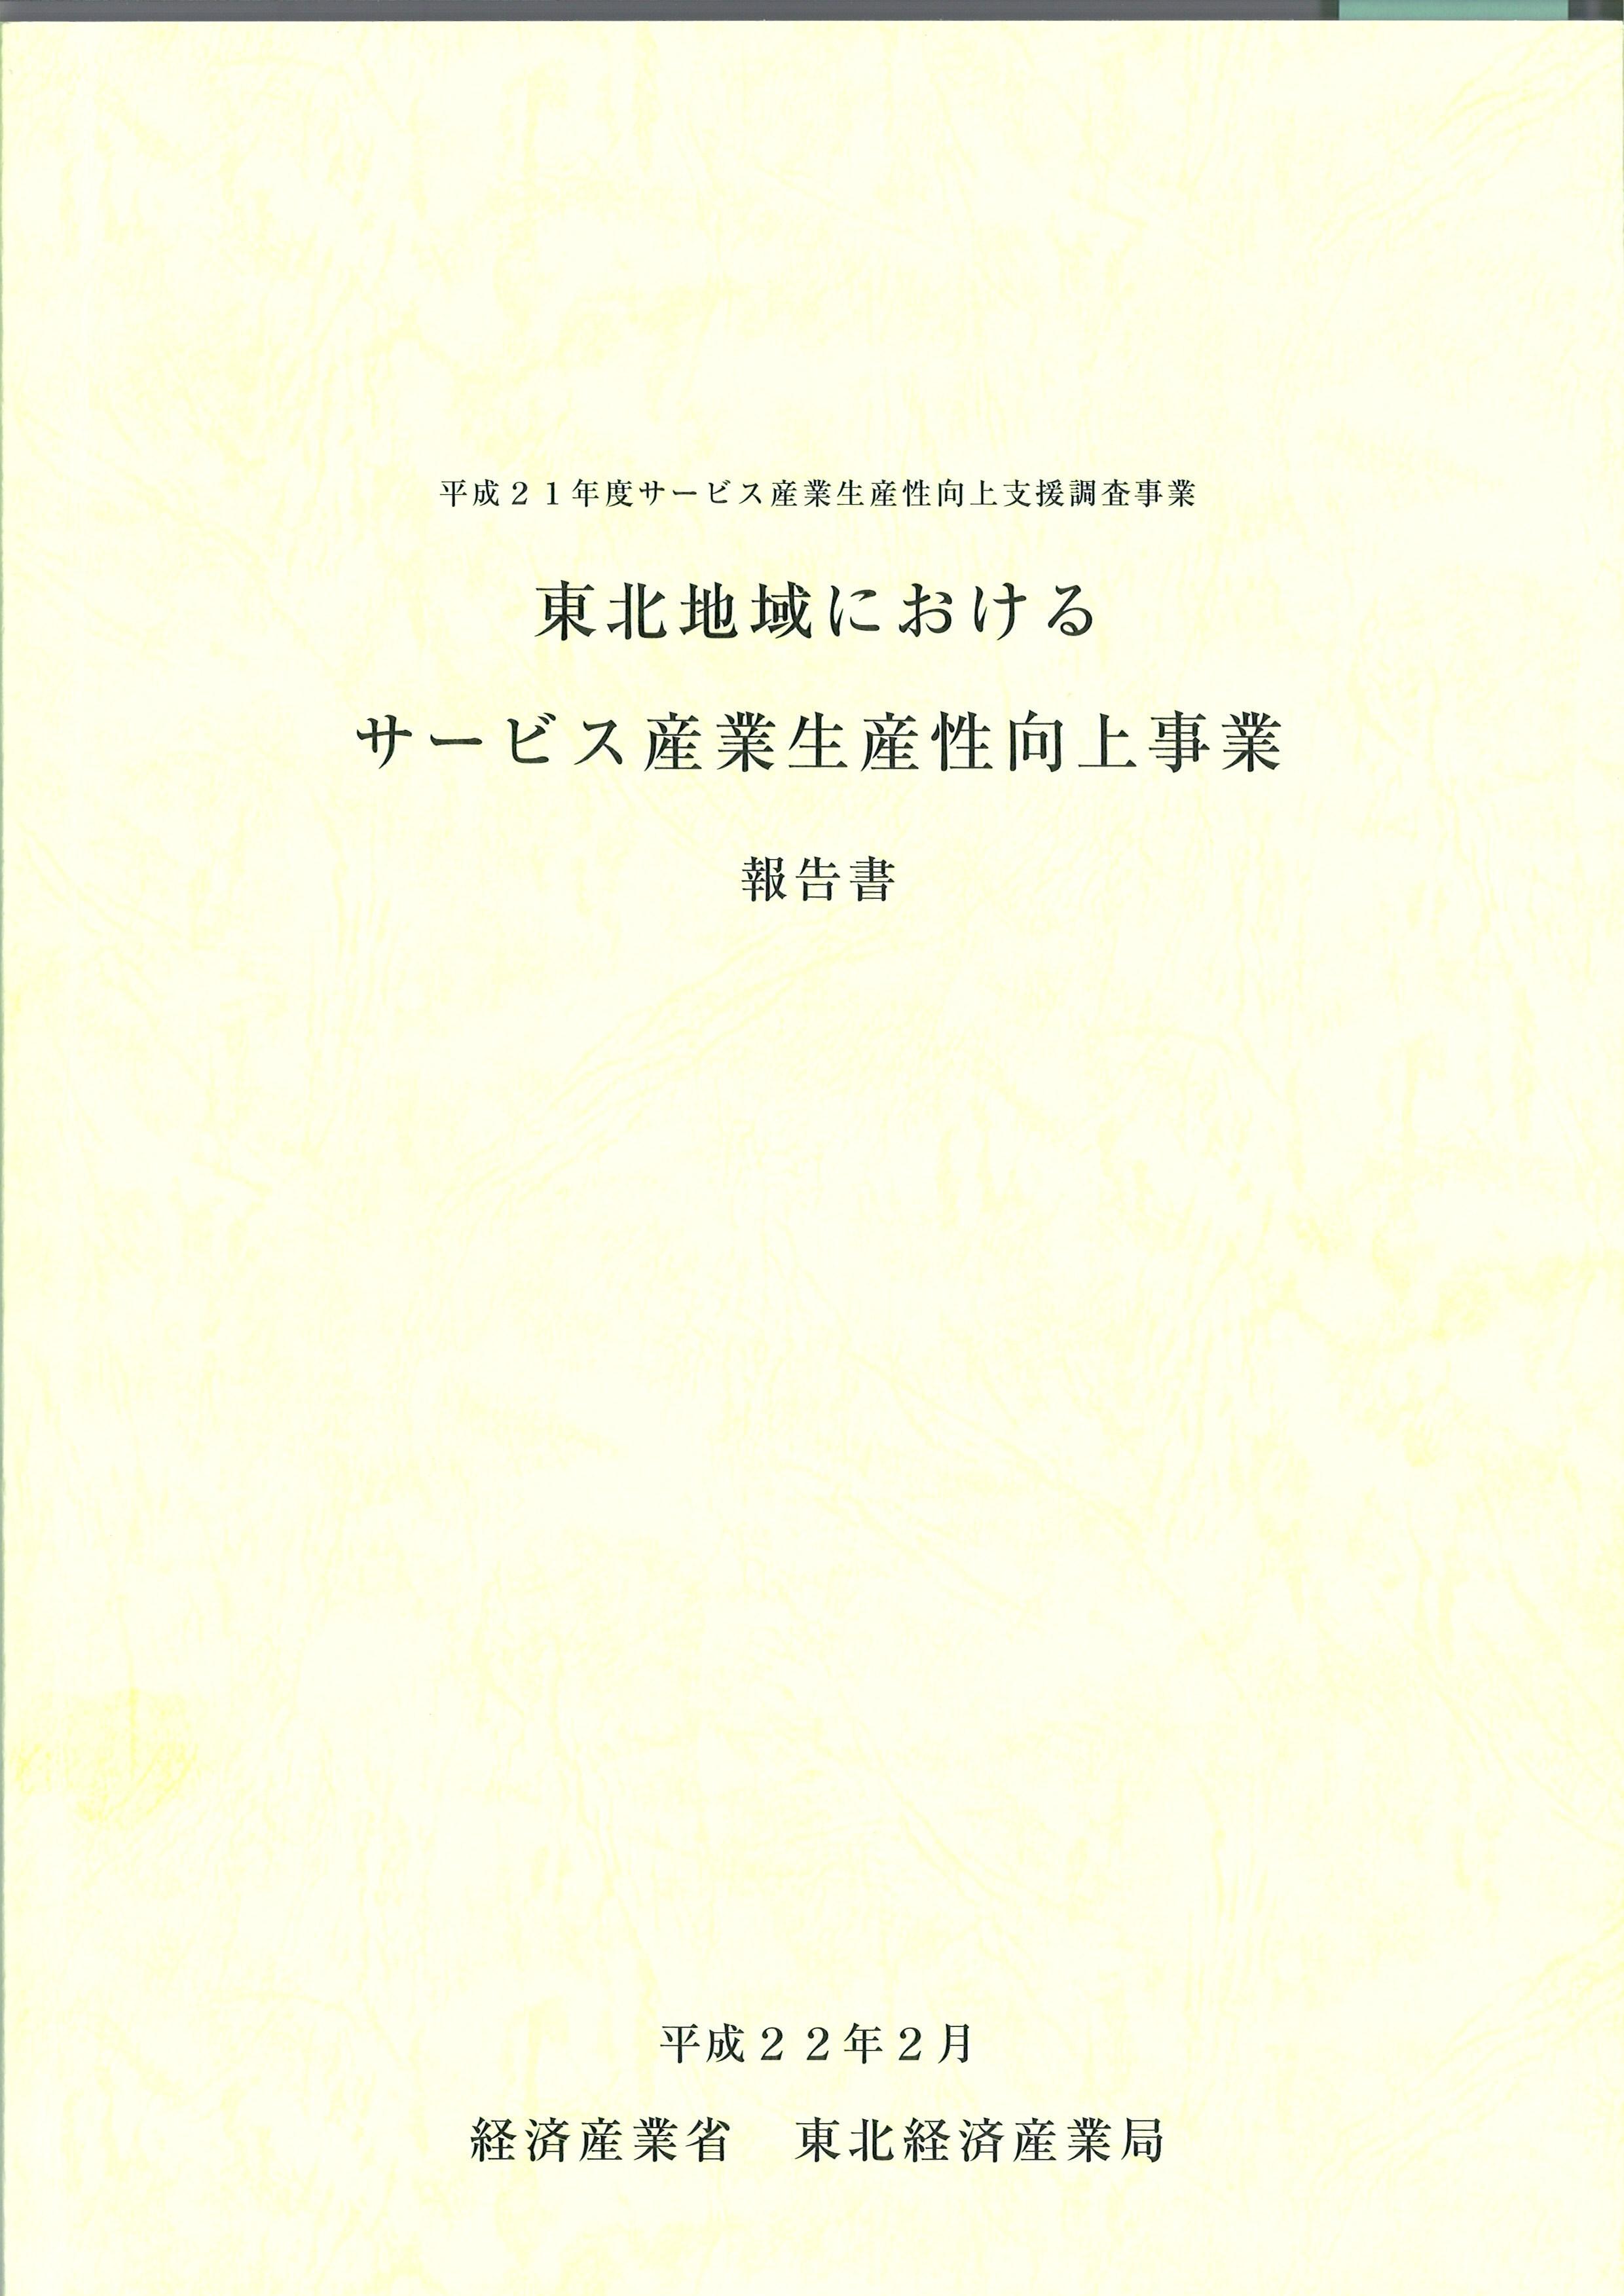 20100518185537_00001.jpg